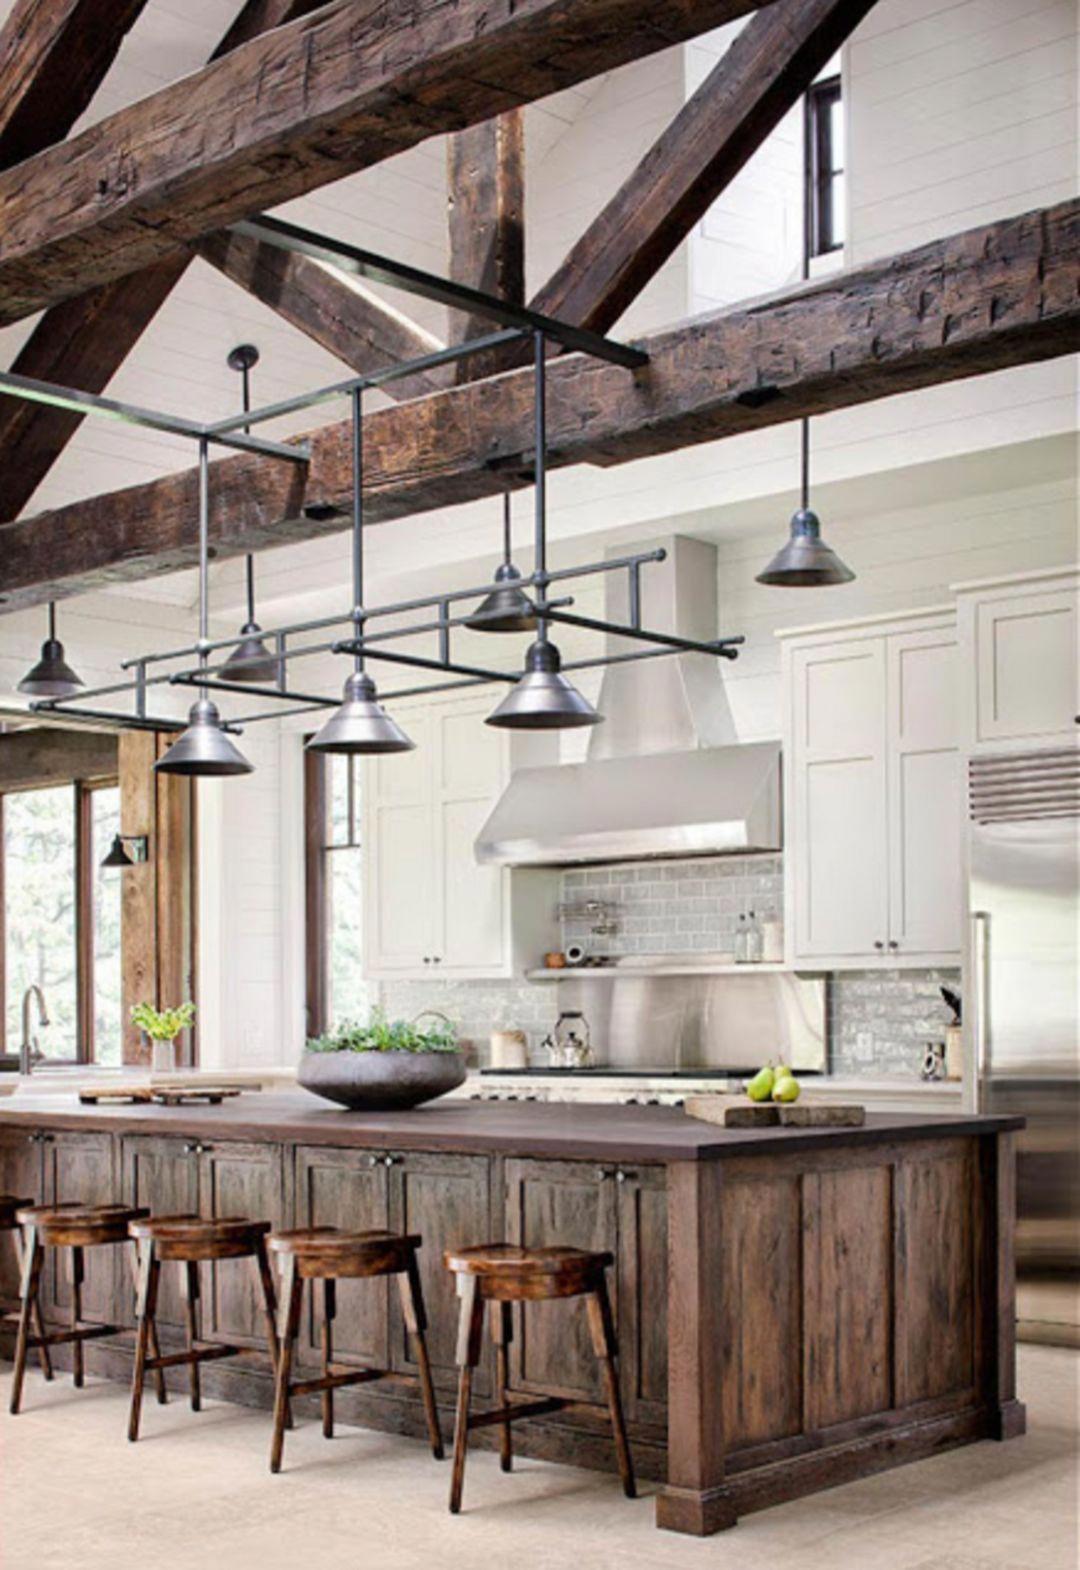 Modern minimalist eclectic kitchen designs, brass hardware